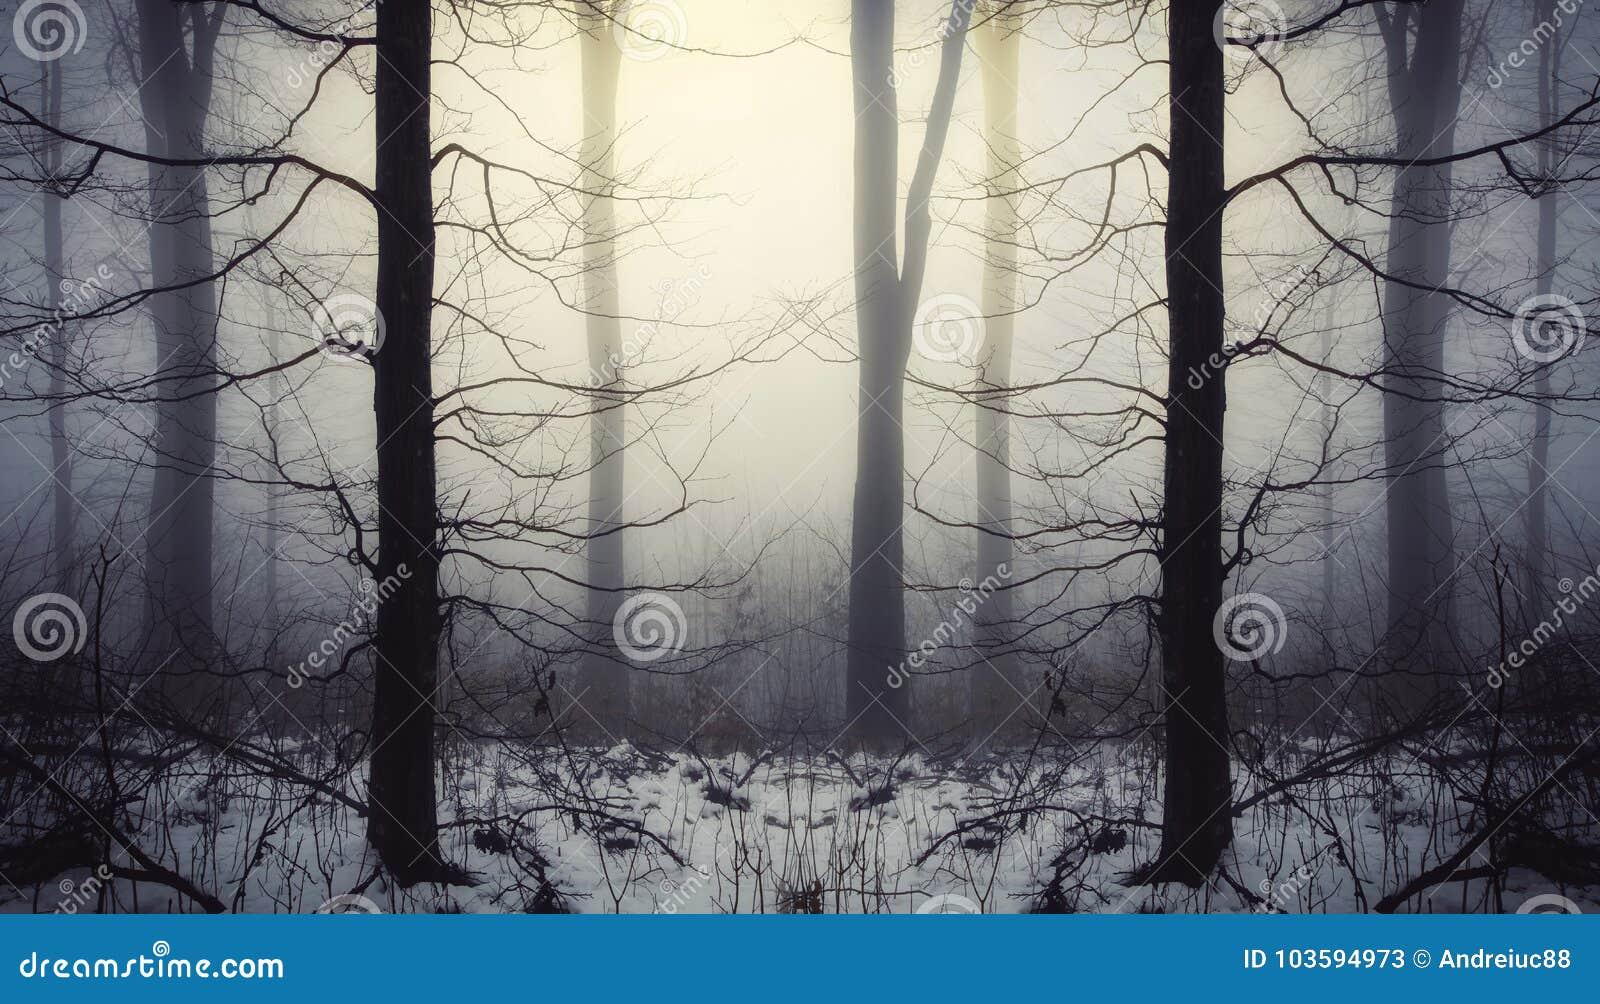 Fantasiskog med snö och dimma på soluppgång